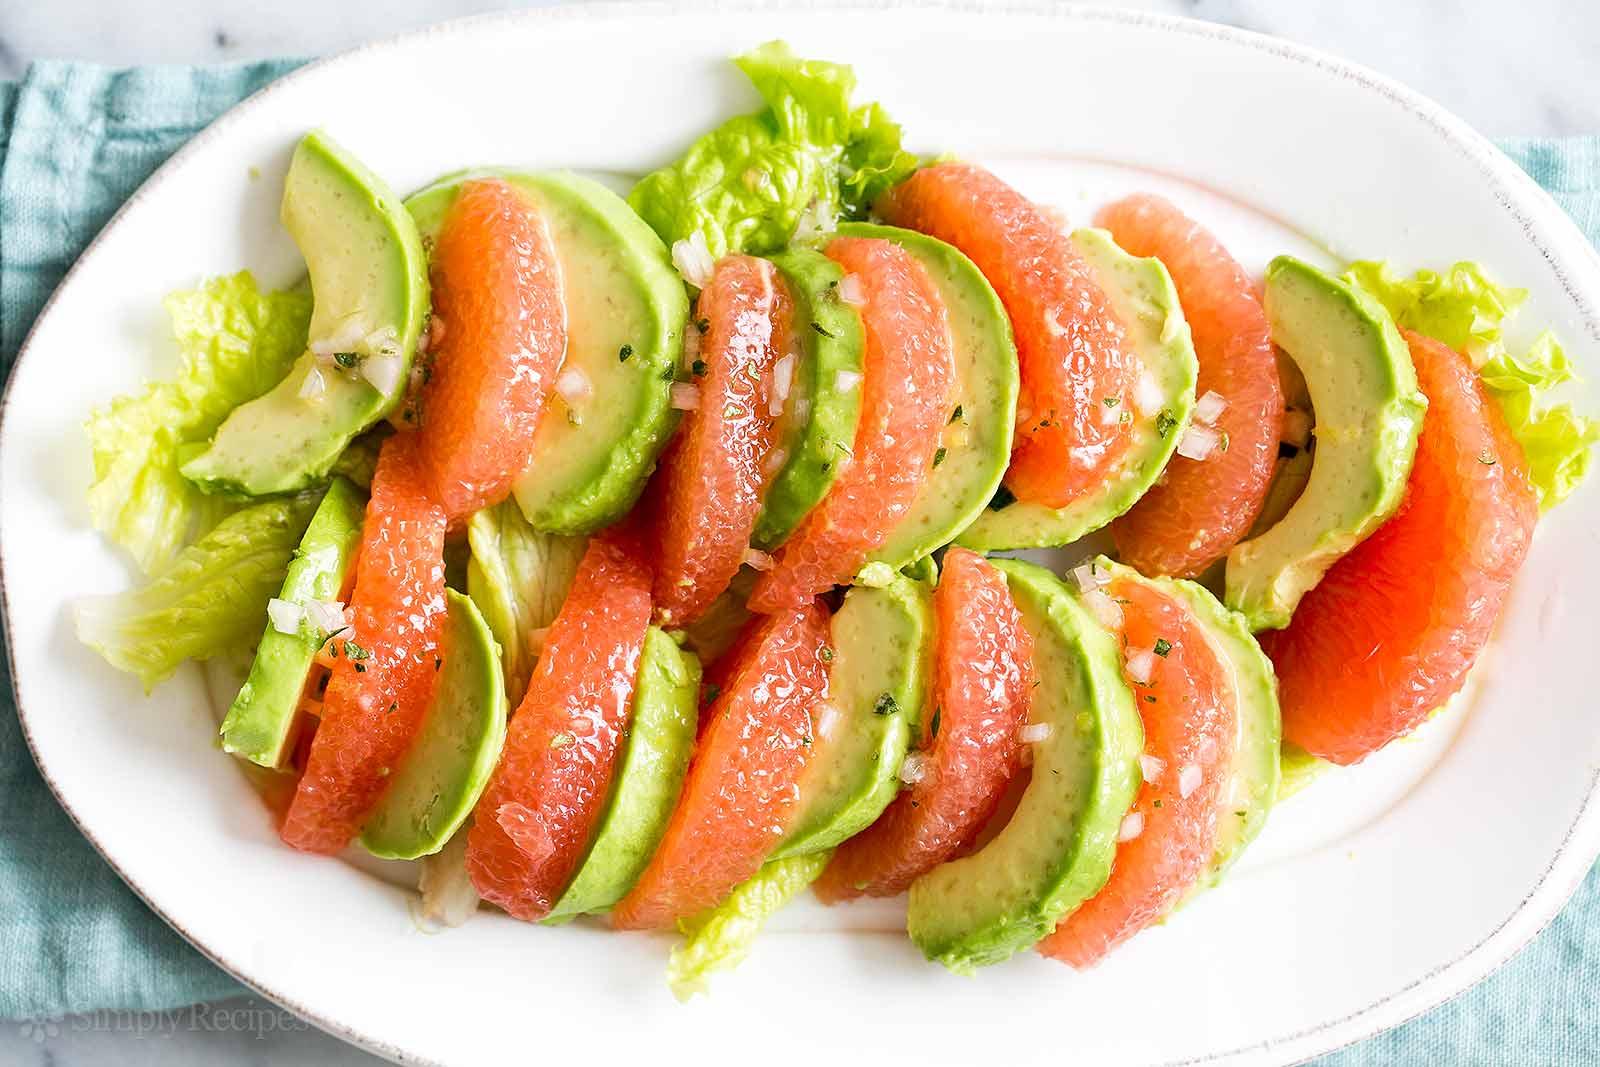 Ăn 10 loại thực phẩm có khả năng đốt cháy chất béo này thường xuyên, từ nay đến Tết muốn giảm bao nhiêu cân cũng được - Ảnh 2